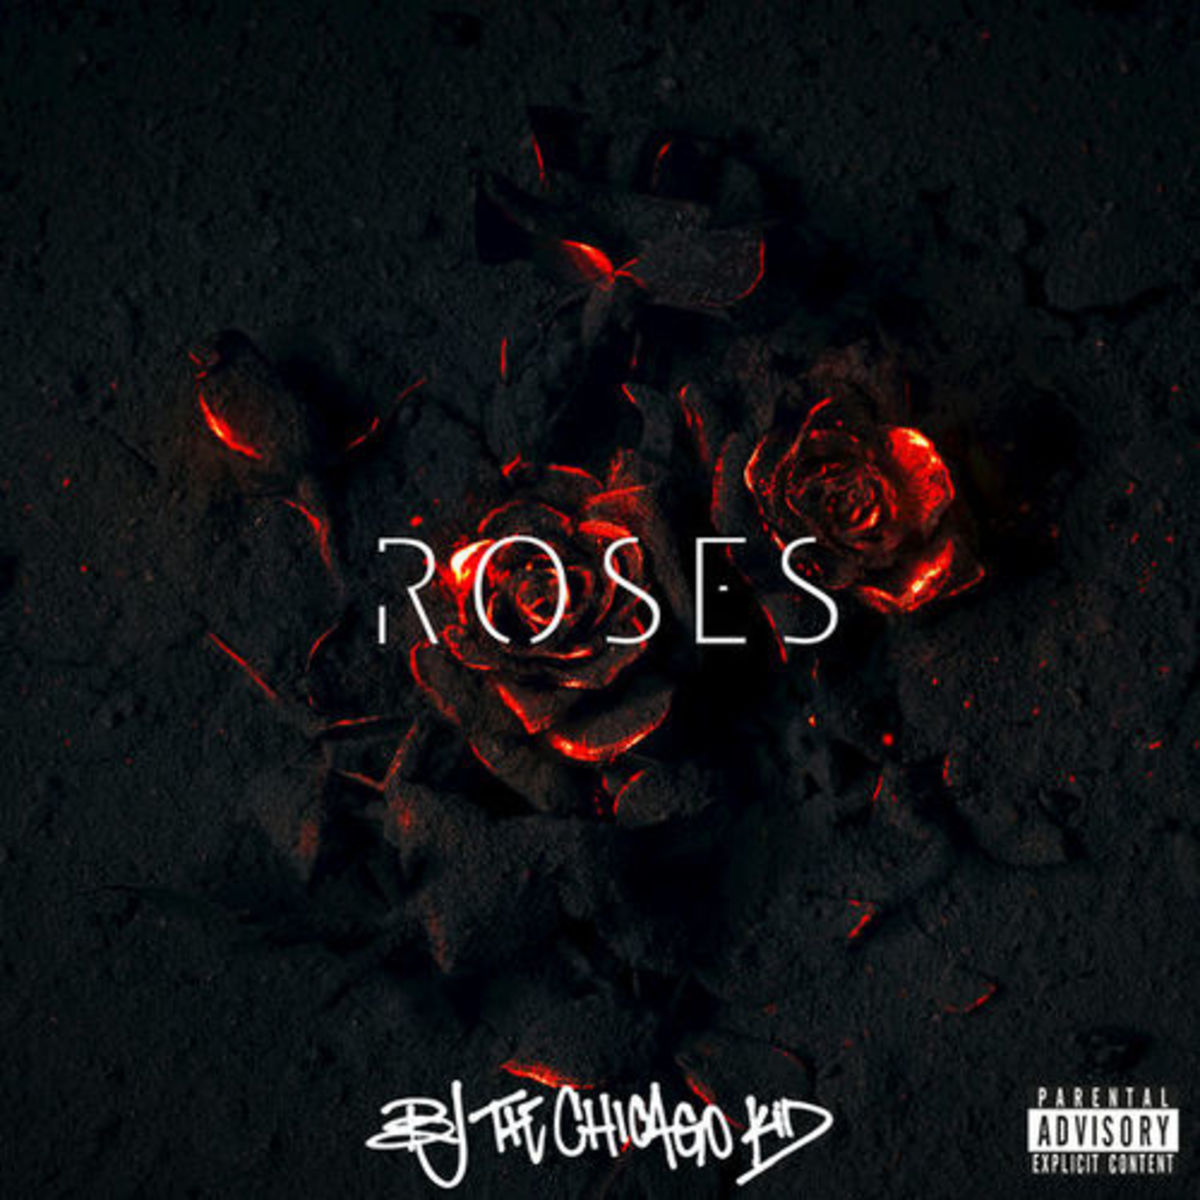 bj-the-chicago-kid-roses.jpg